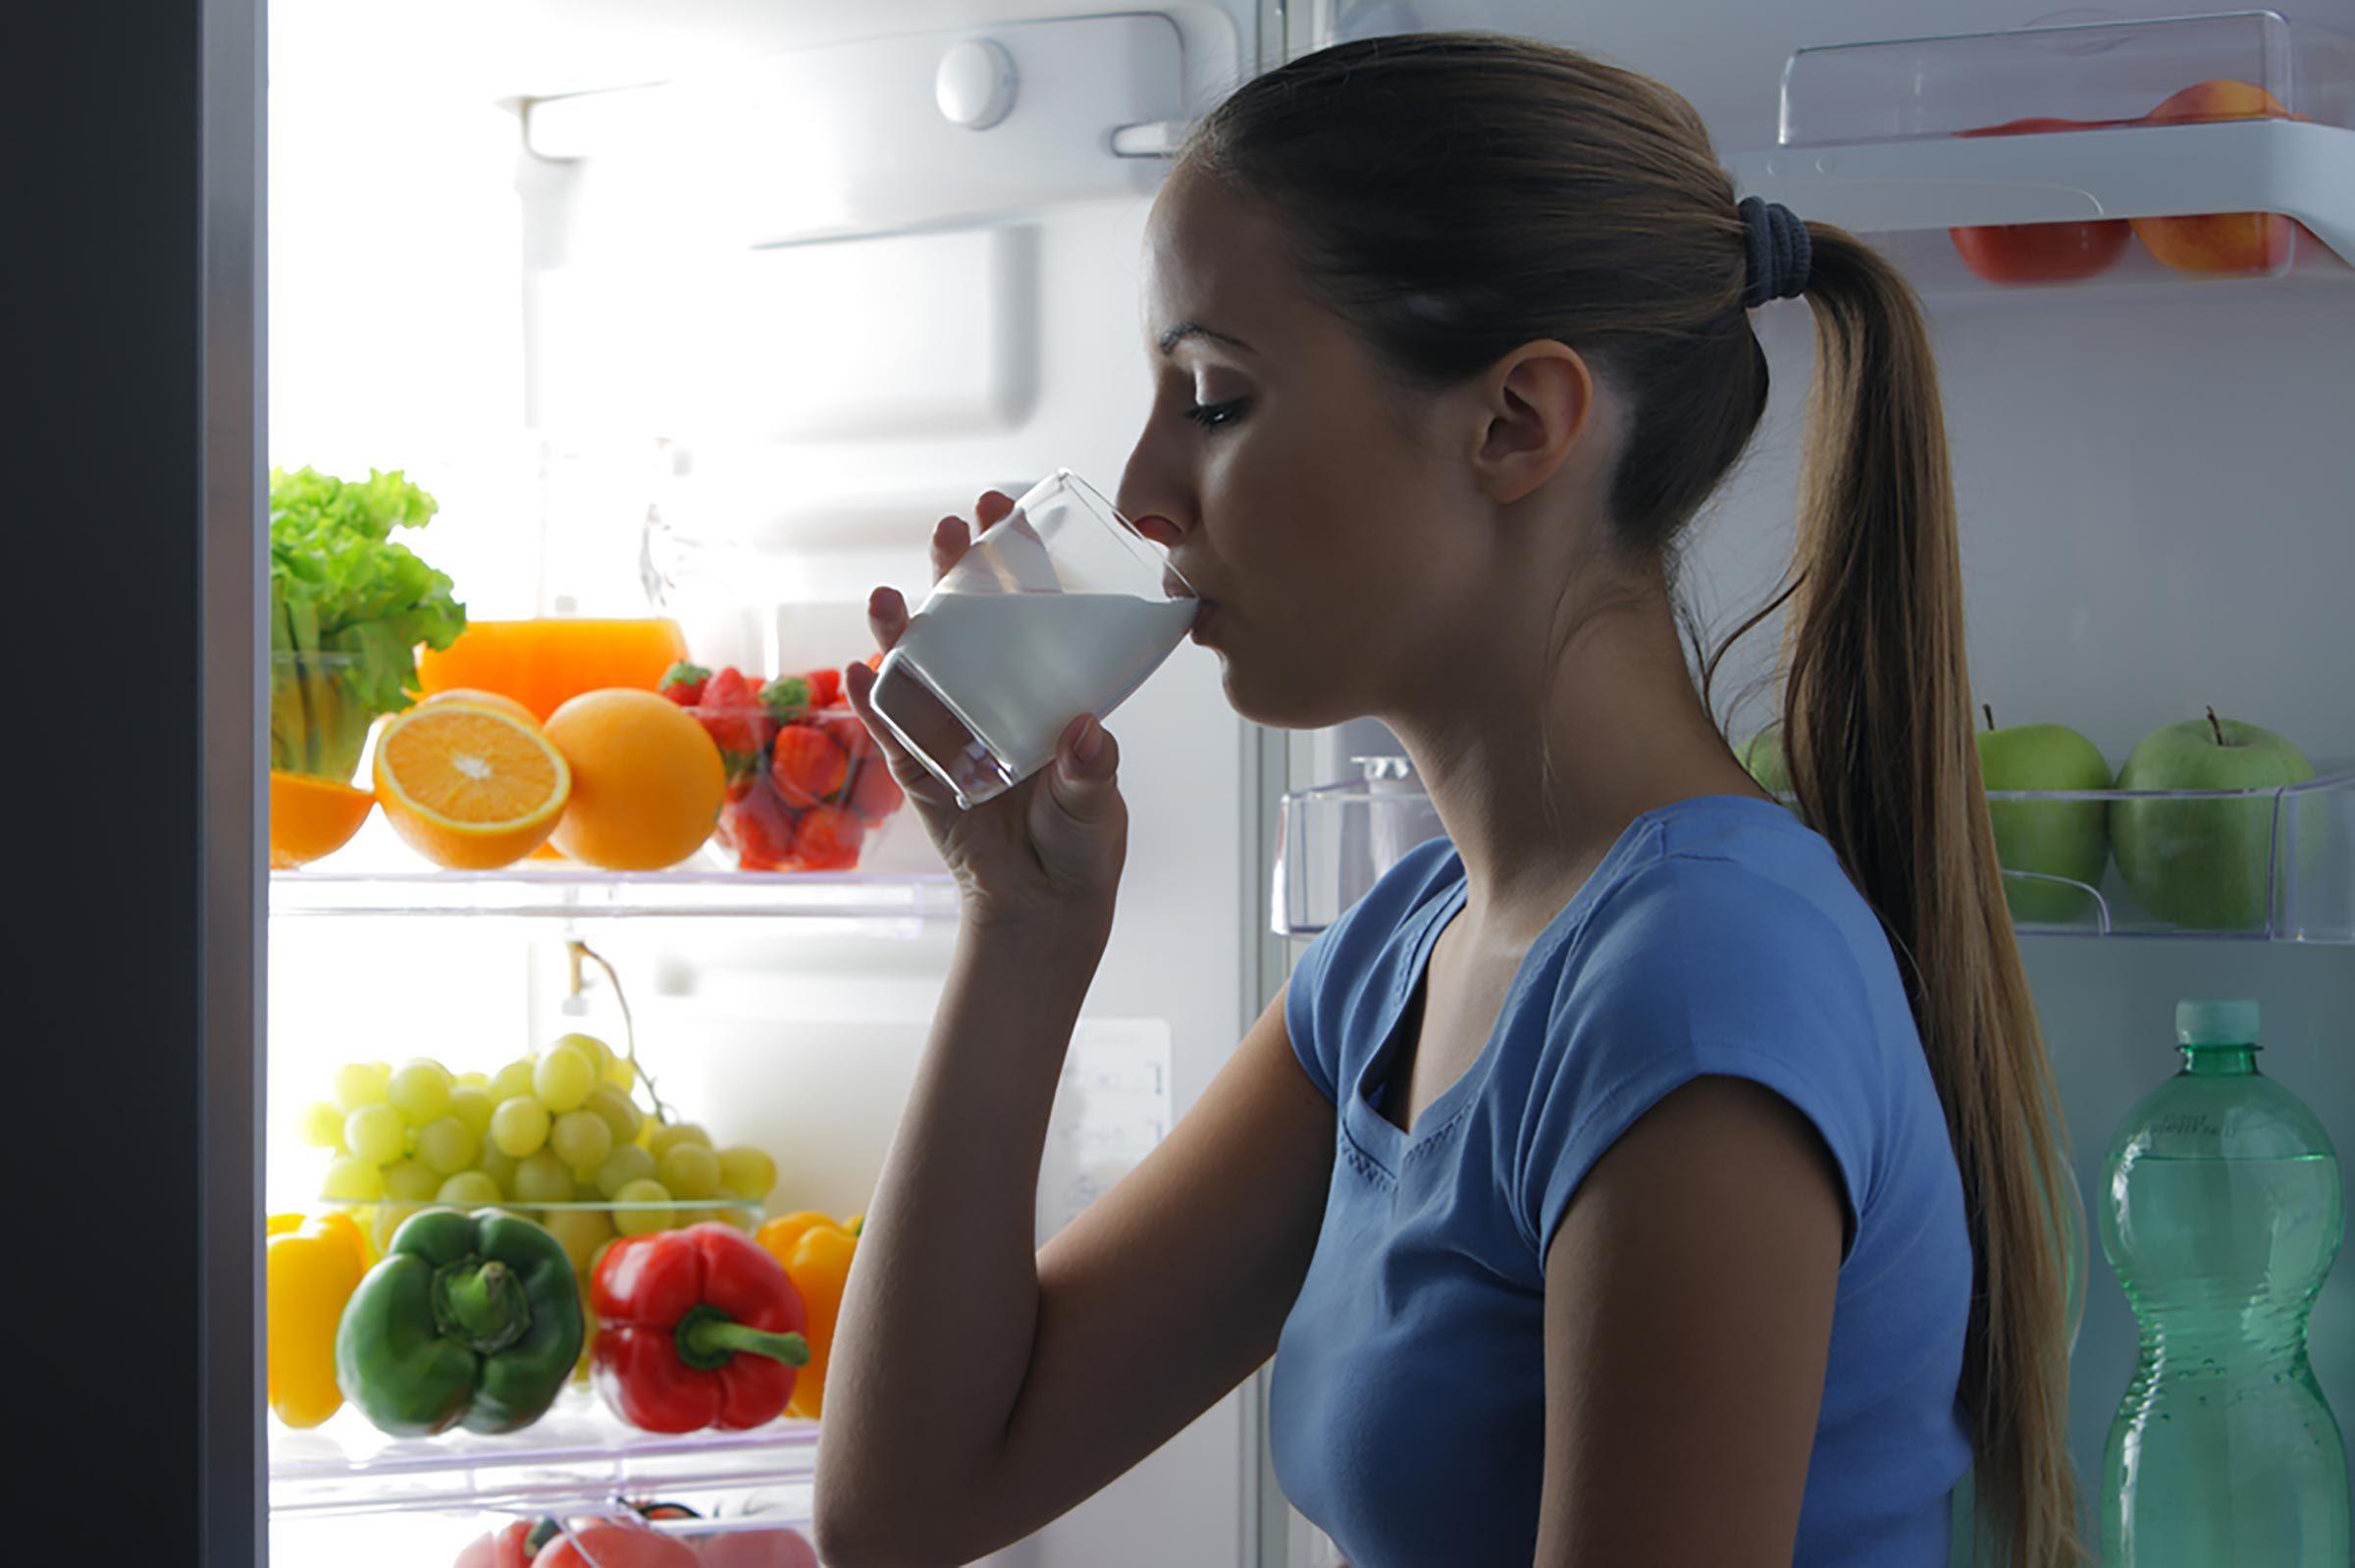 Conseil santé : pas d'aliments blancs, le soir